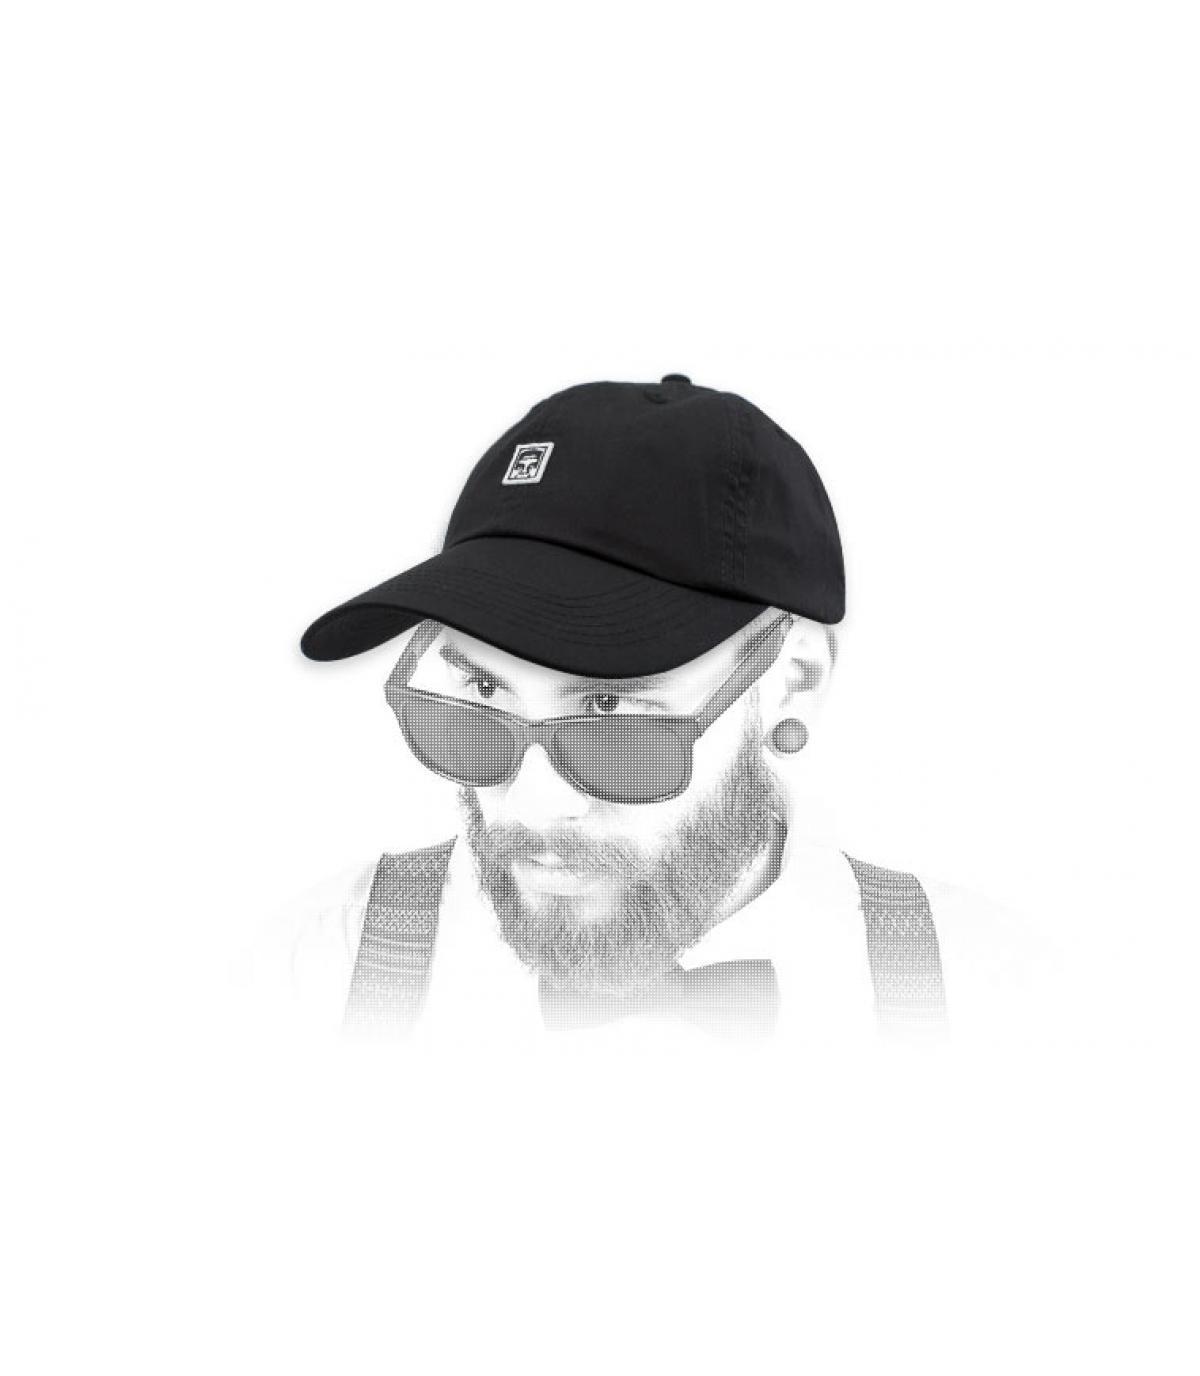 Obey il berretto nero gigante